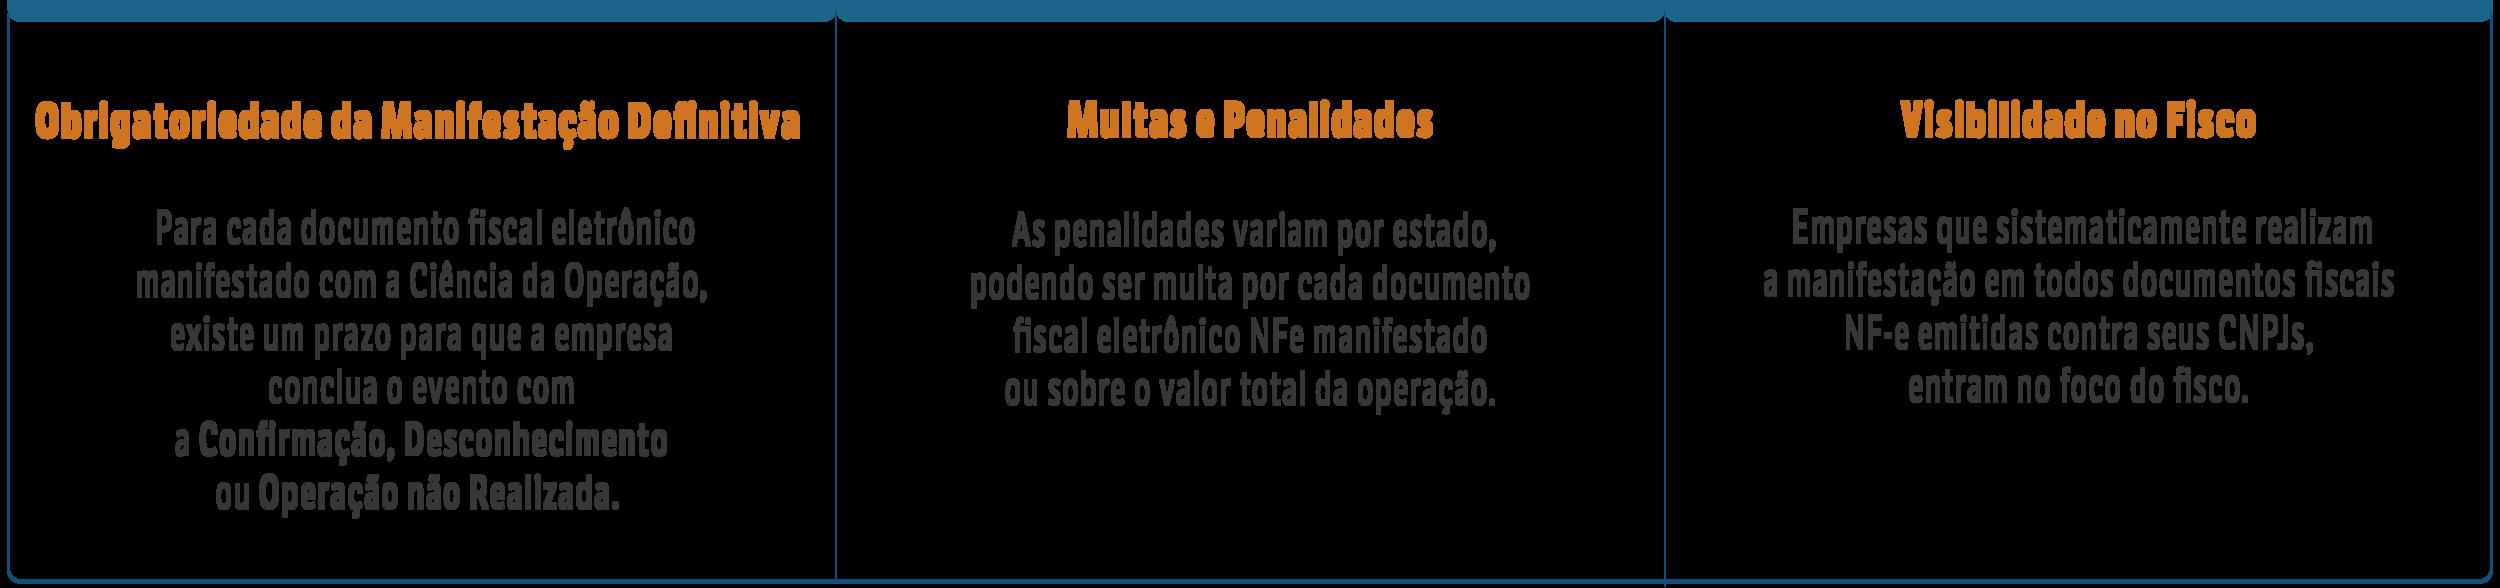 tabela_Prancheta 1.png